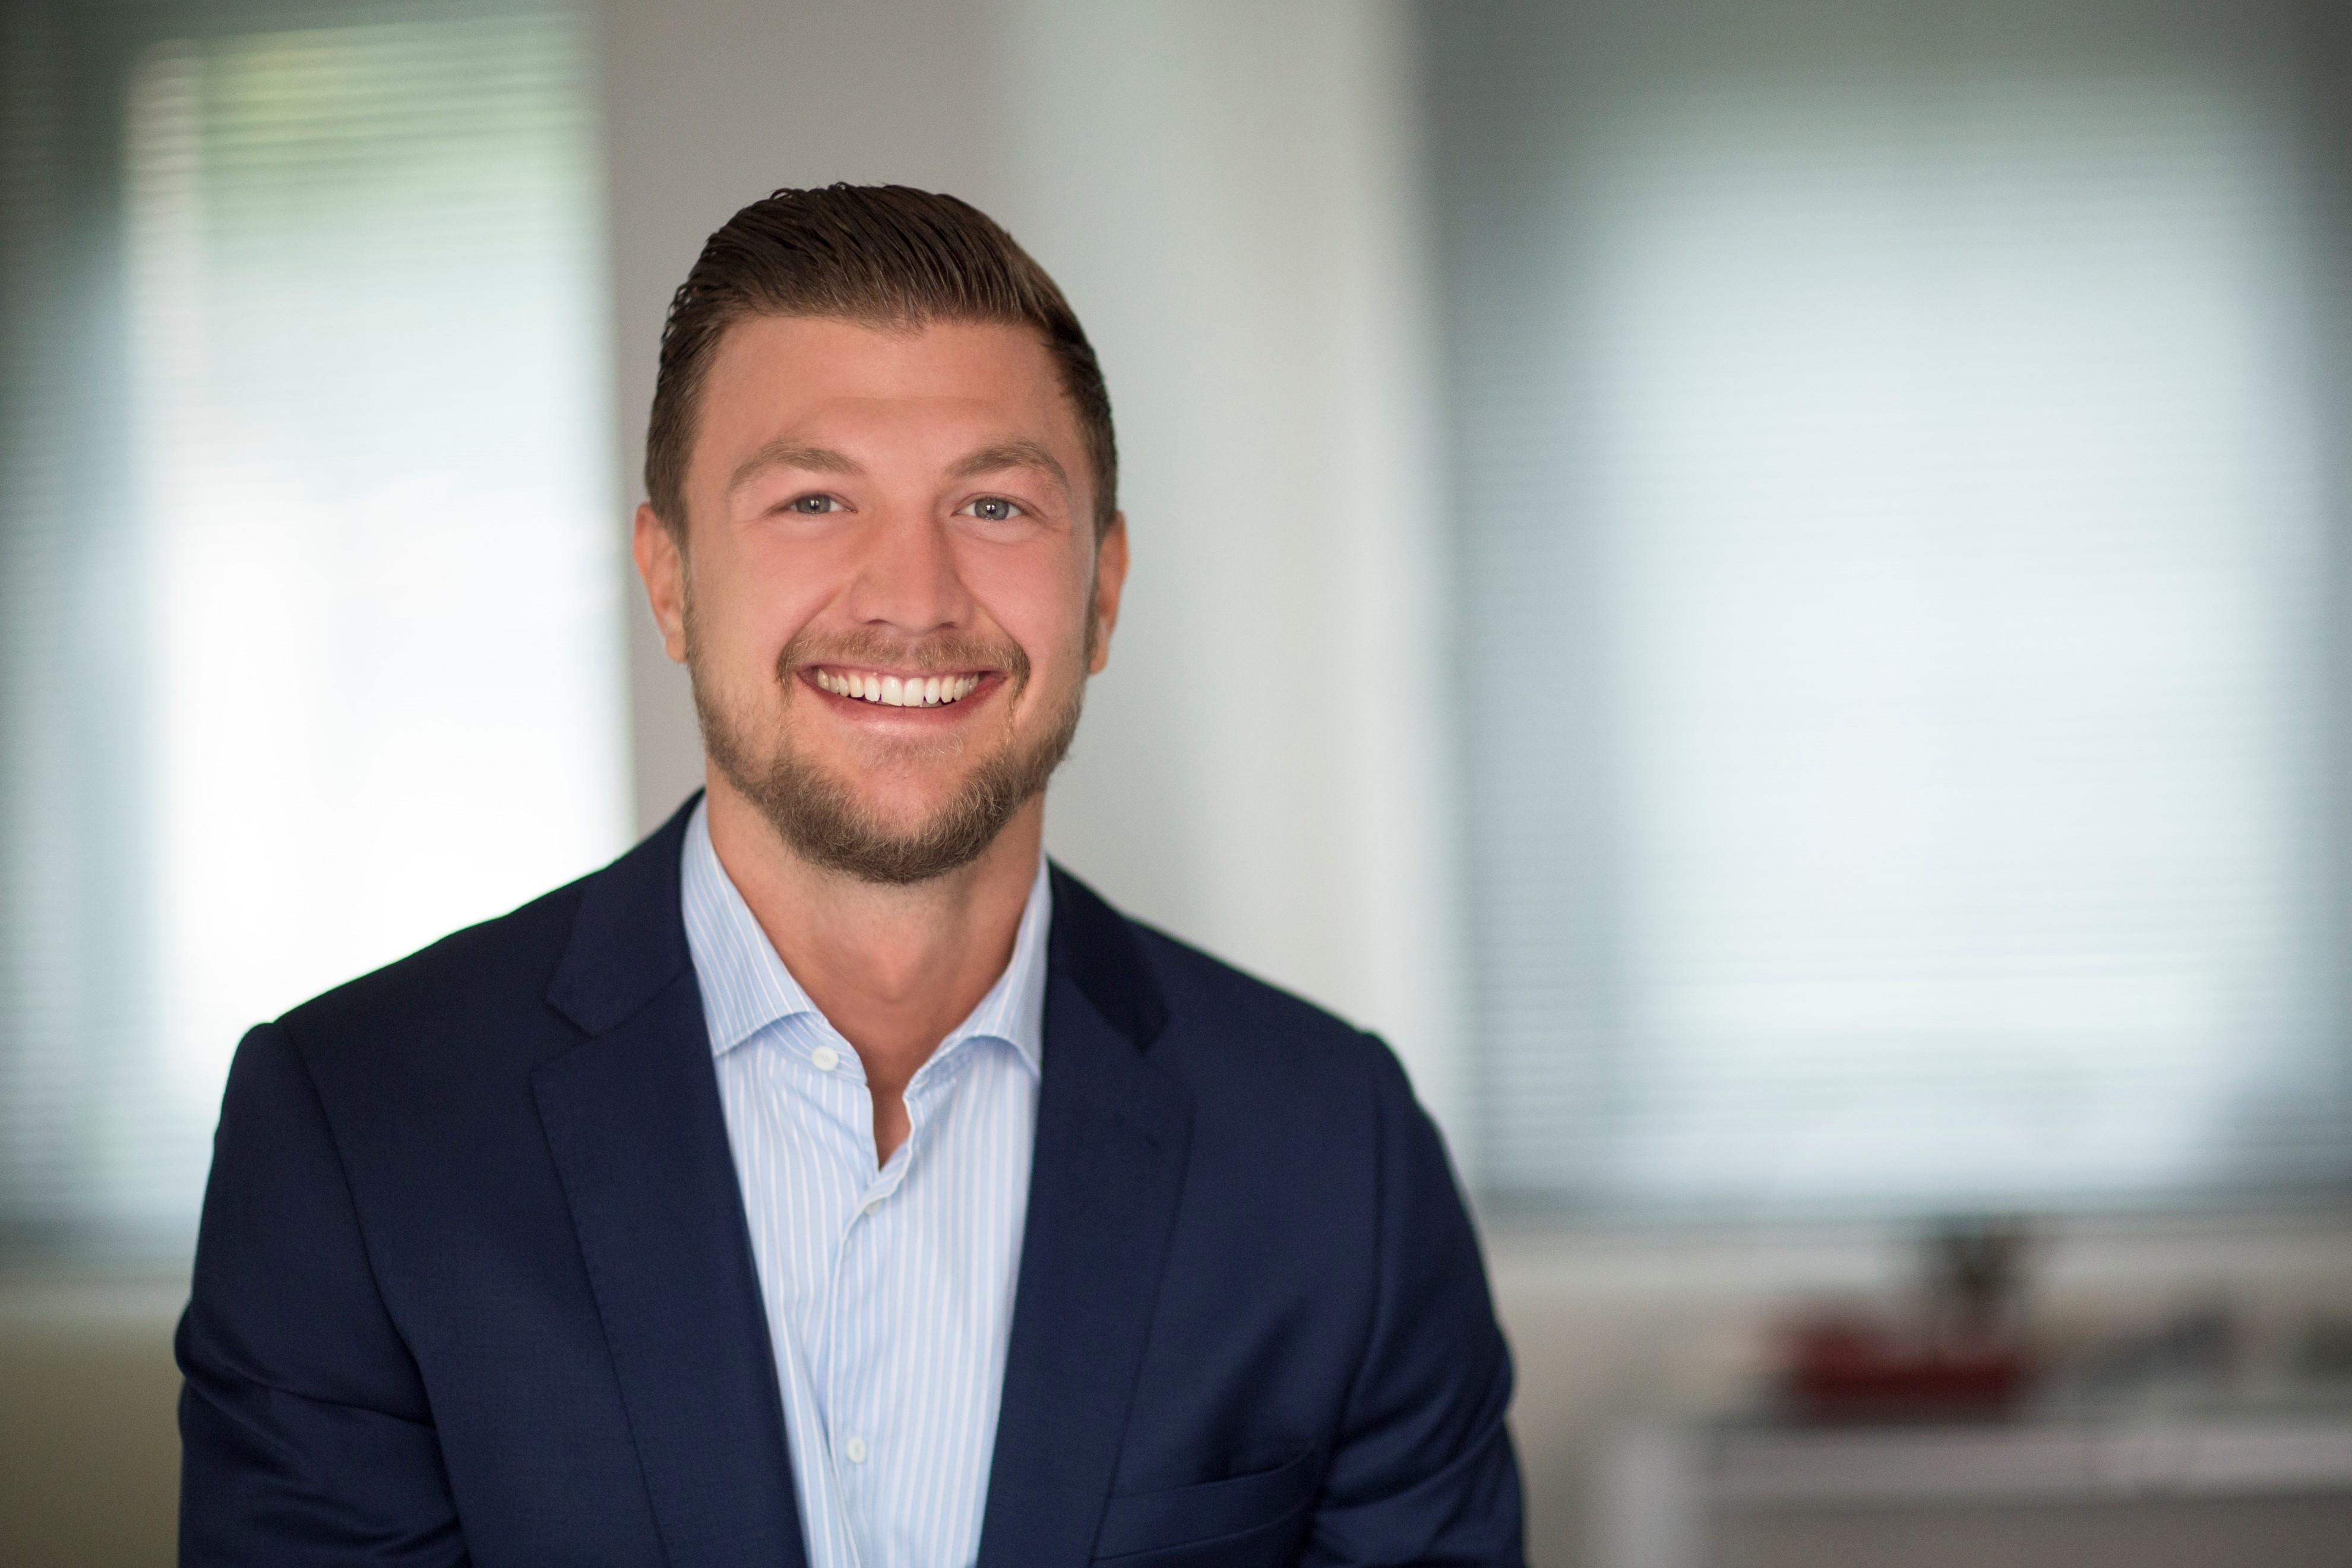 MPU Berater und Verkehrspsychologe Tobias Wirth